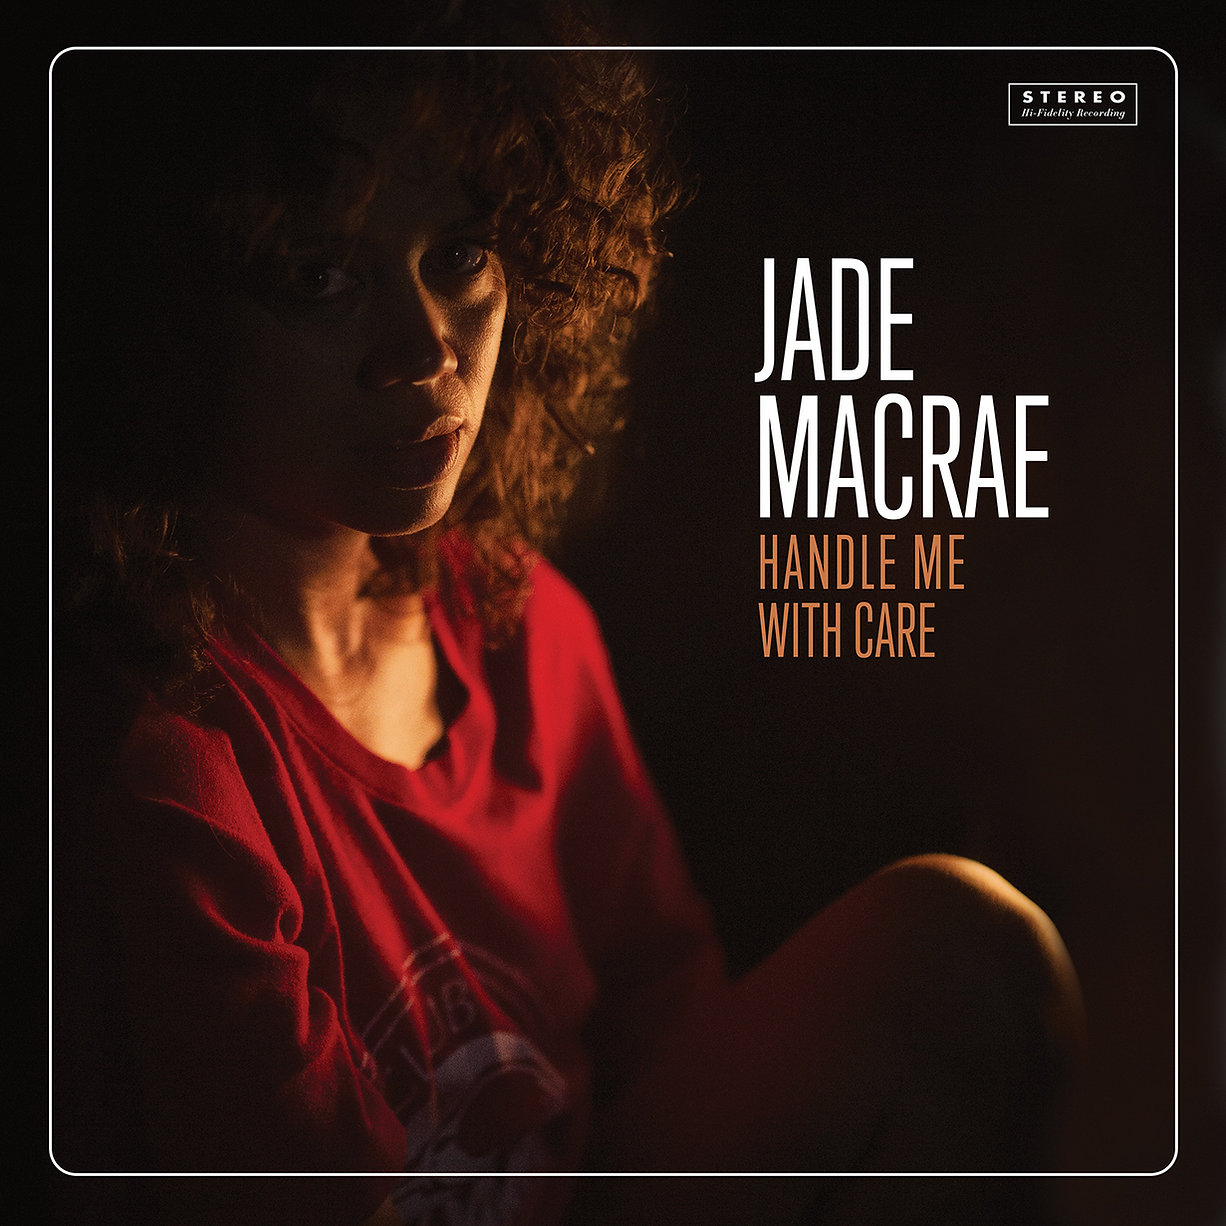 Jade-M:Users:jademacrae:Desktop:Jade-Mac